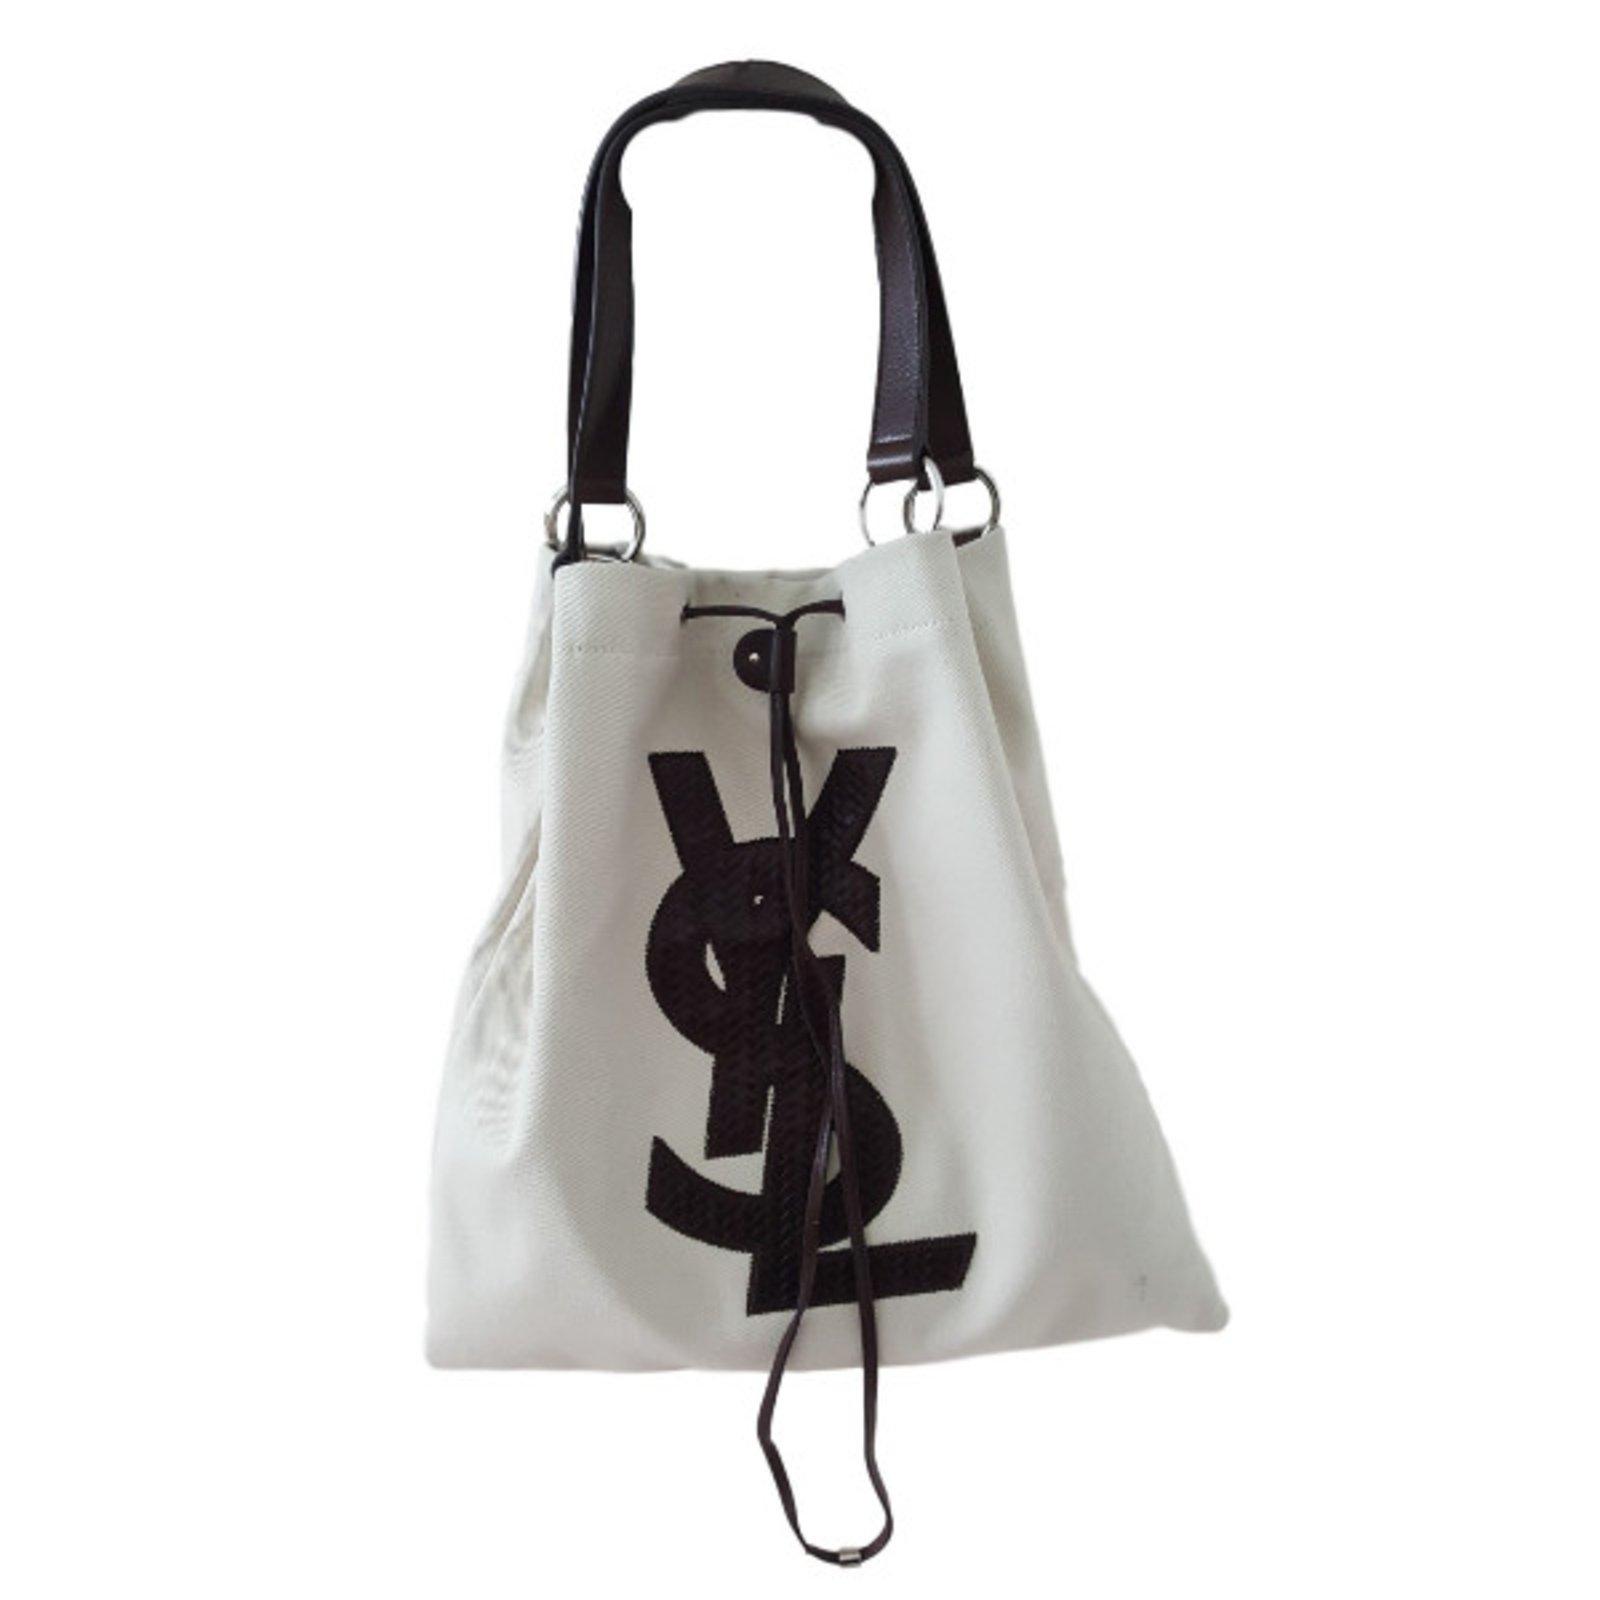 recherche de véritables les dernières nouveautés qualité authentique Sacs à main Yves Saint Laurent Sacs à main Toile Autre ref ...